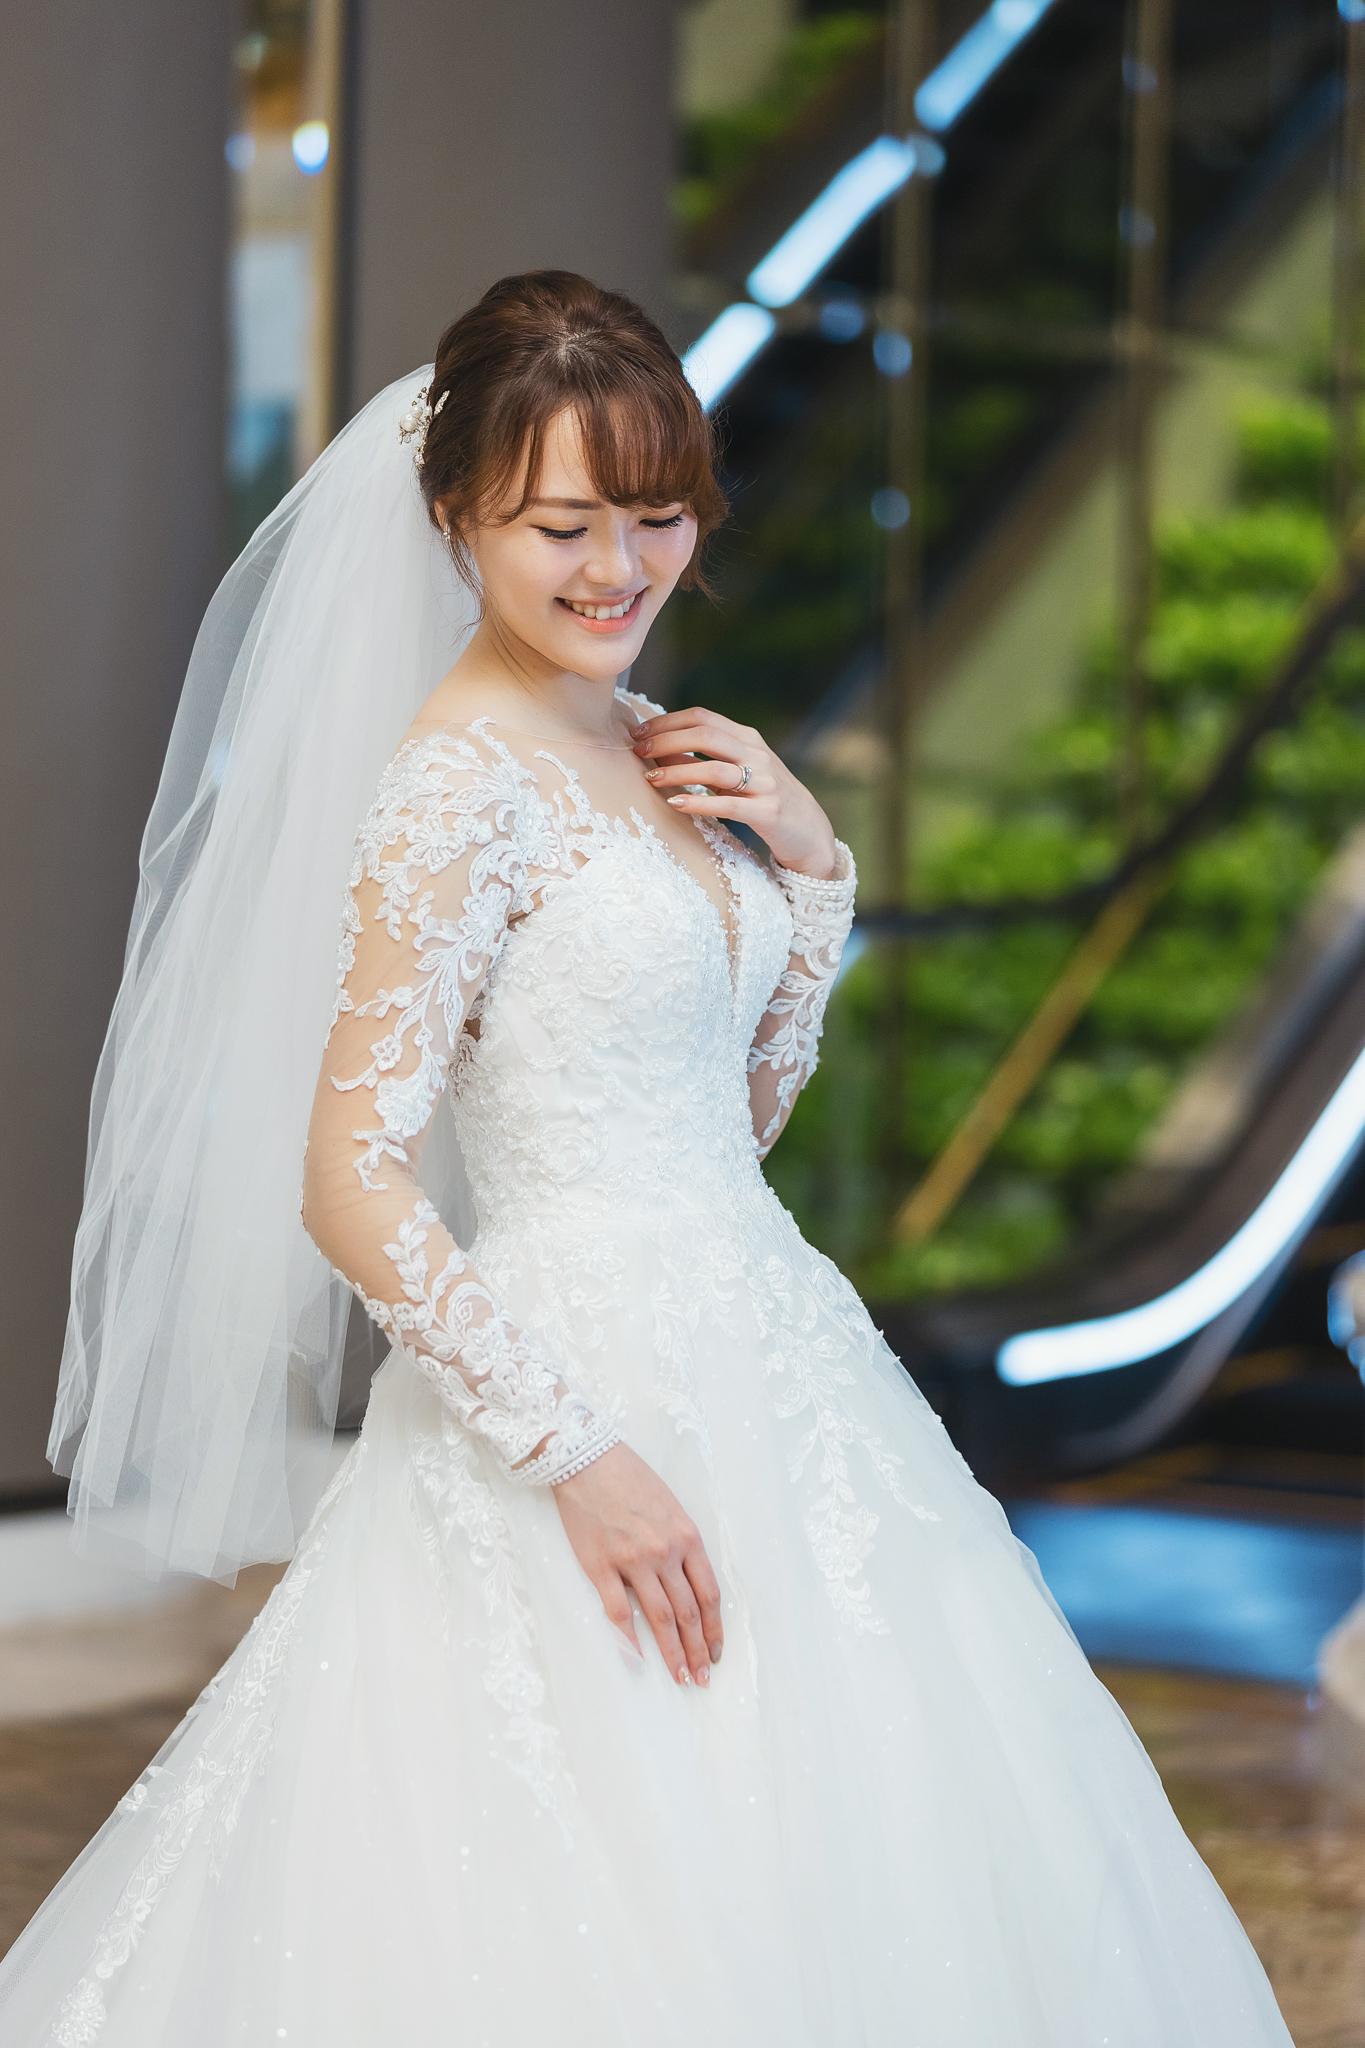 [婚禮紀錄-Yozi]2020.10.18世貿國際會館